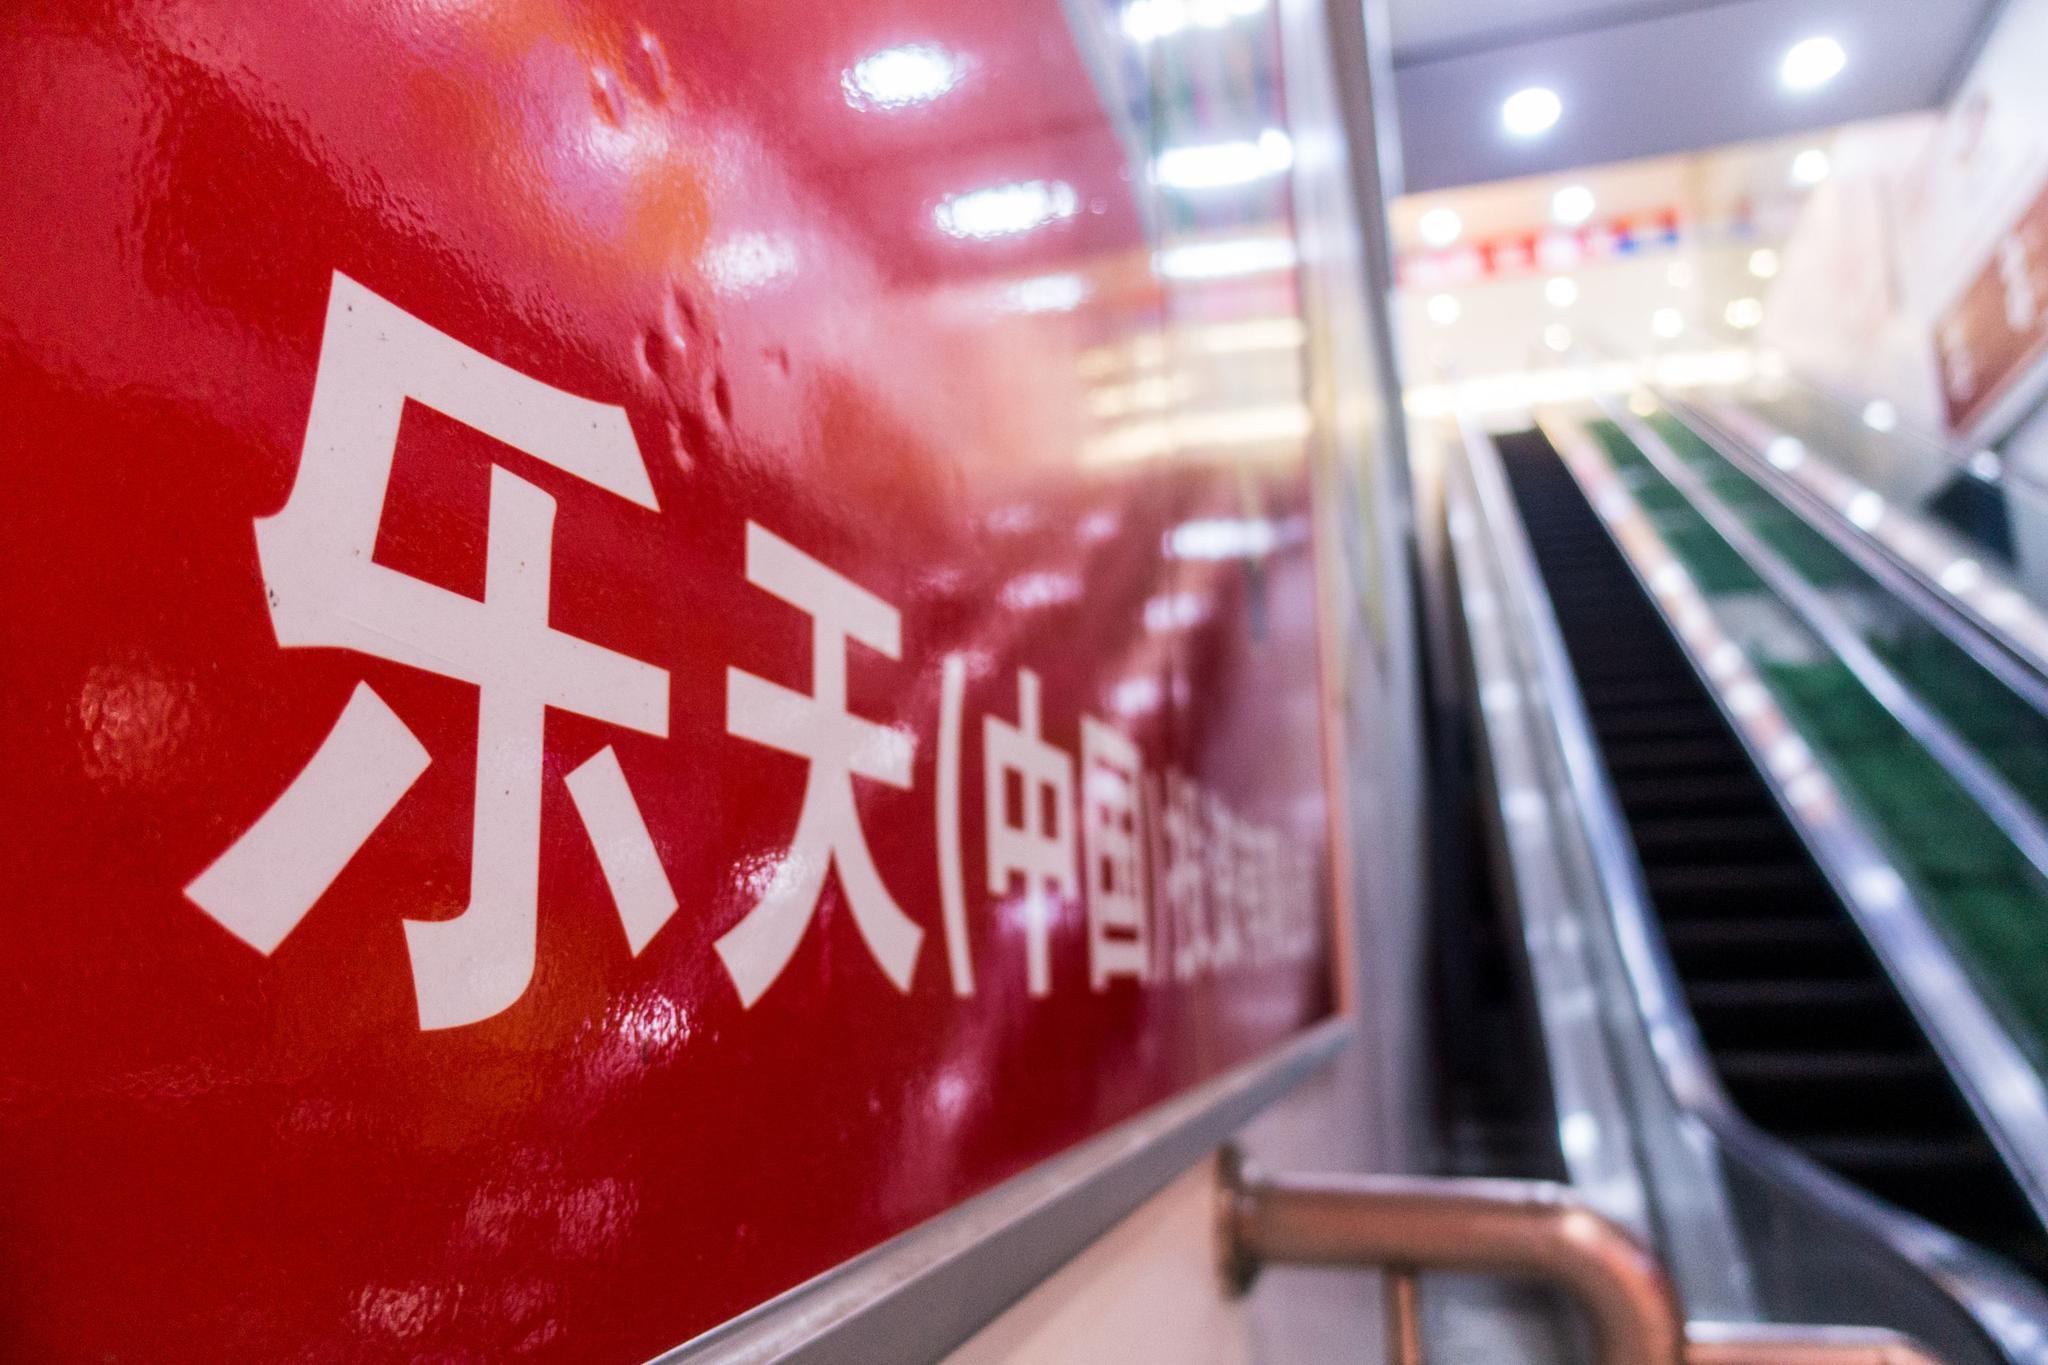 起底乐天:创始人解雇所有主导中国事业的韩国高管